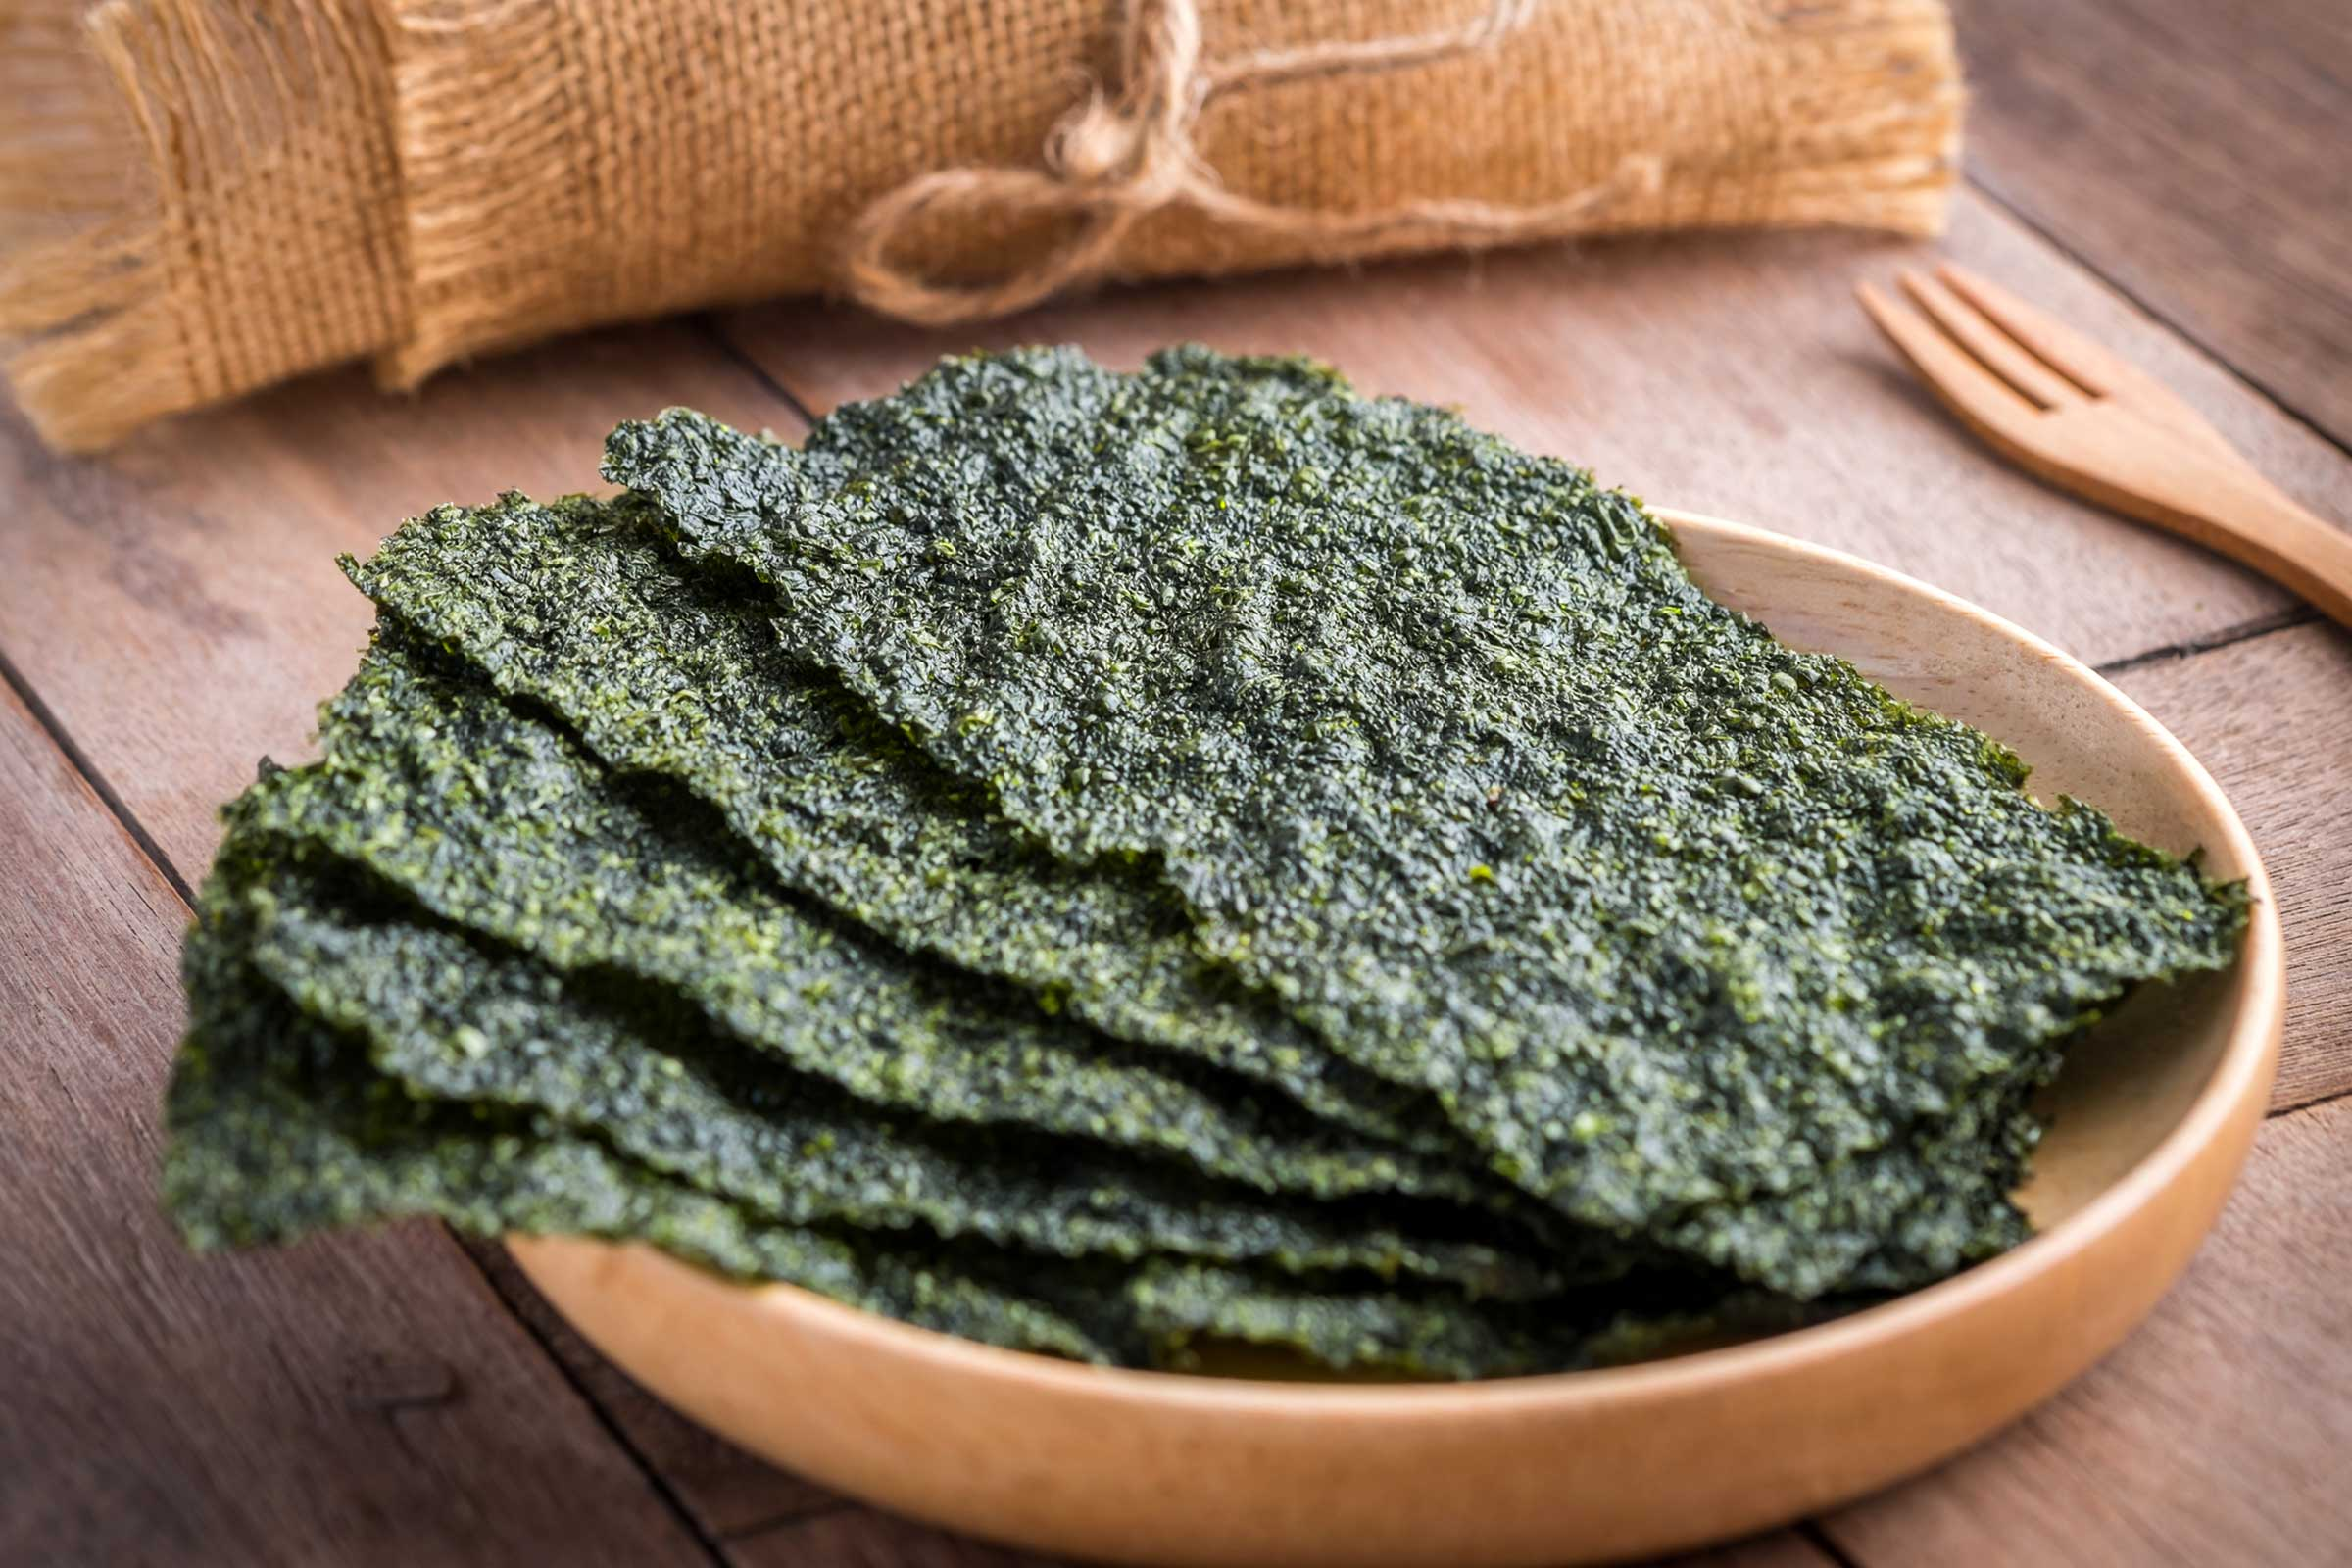 10 Makanan Ini Bantu Hakiskan Toksin Dalam Badan, Jadikan Kulit Cerah &  Awet Muda - MASKULIN